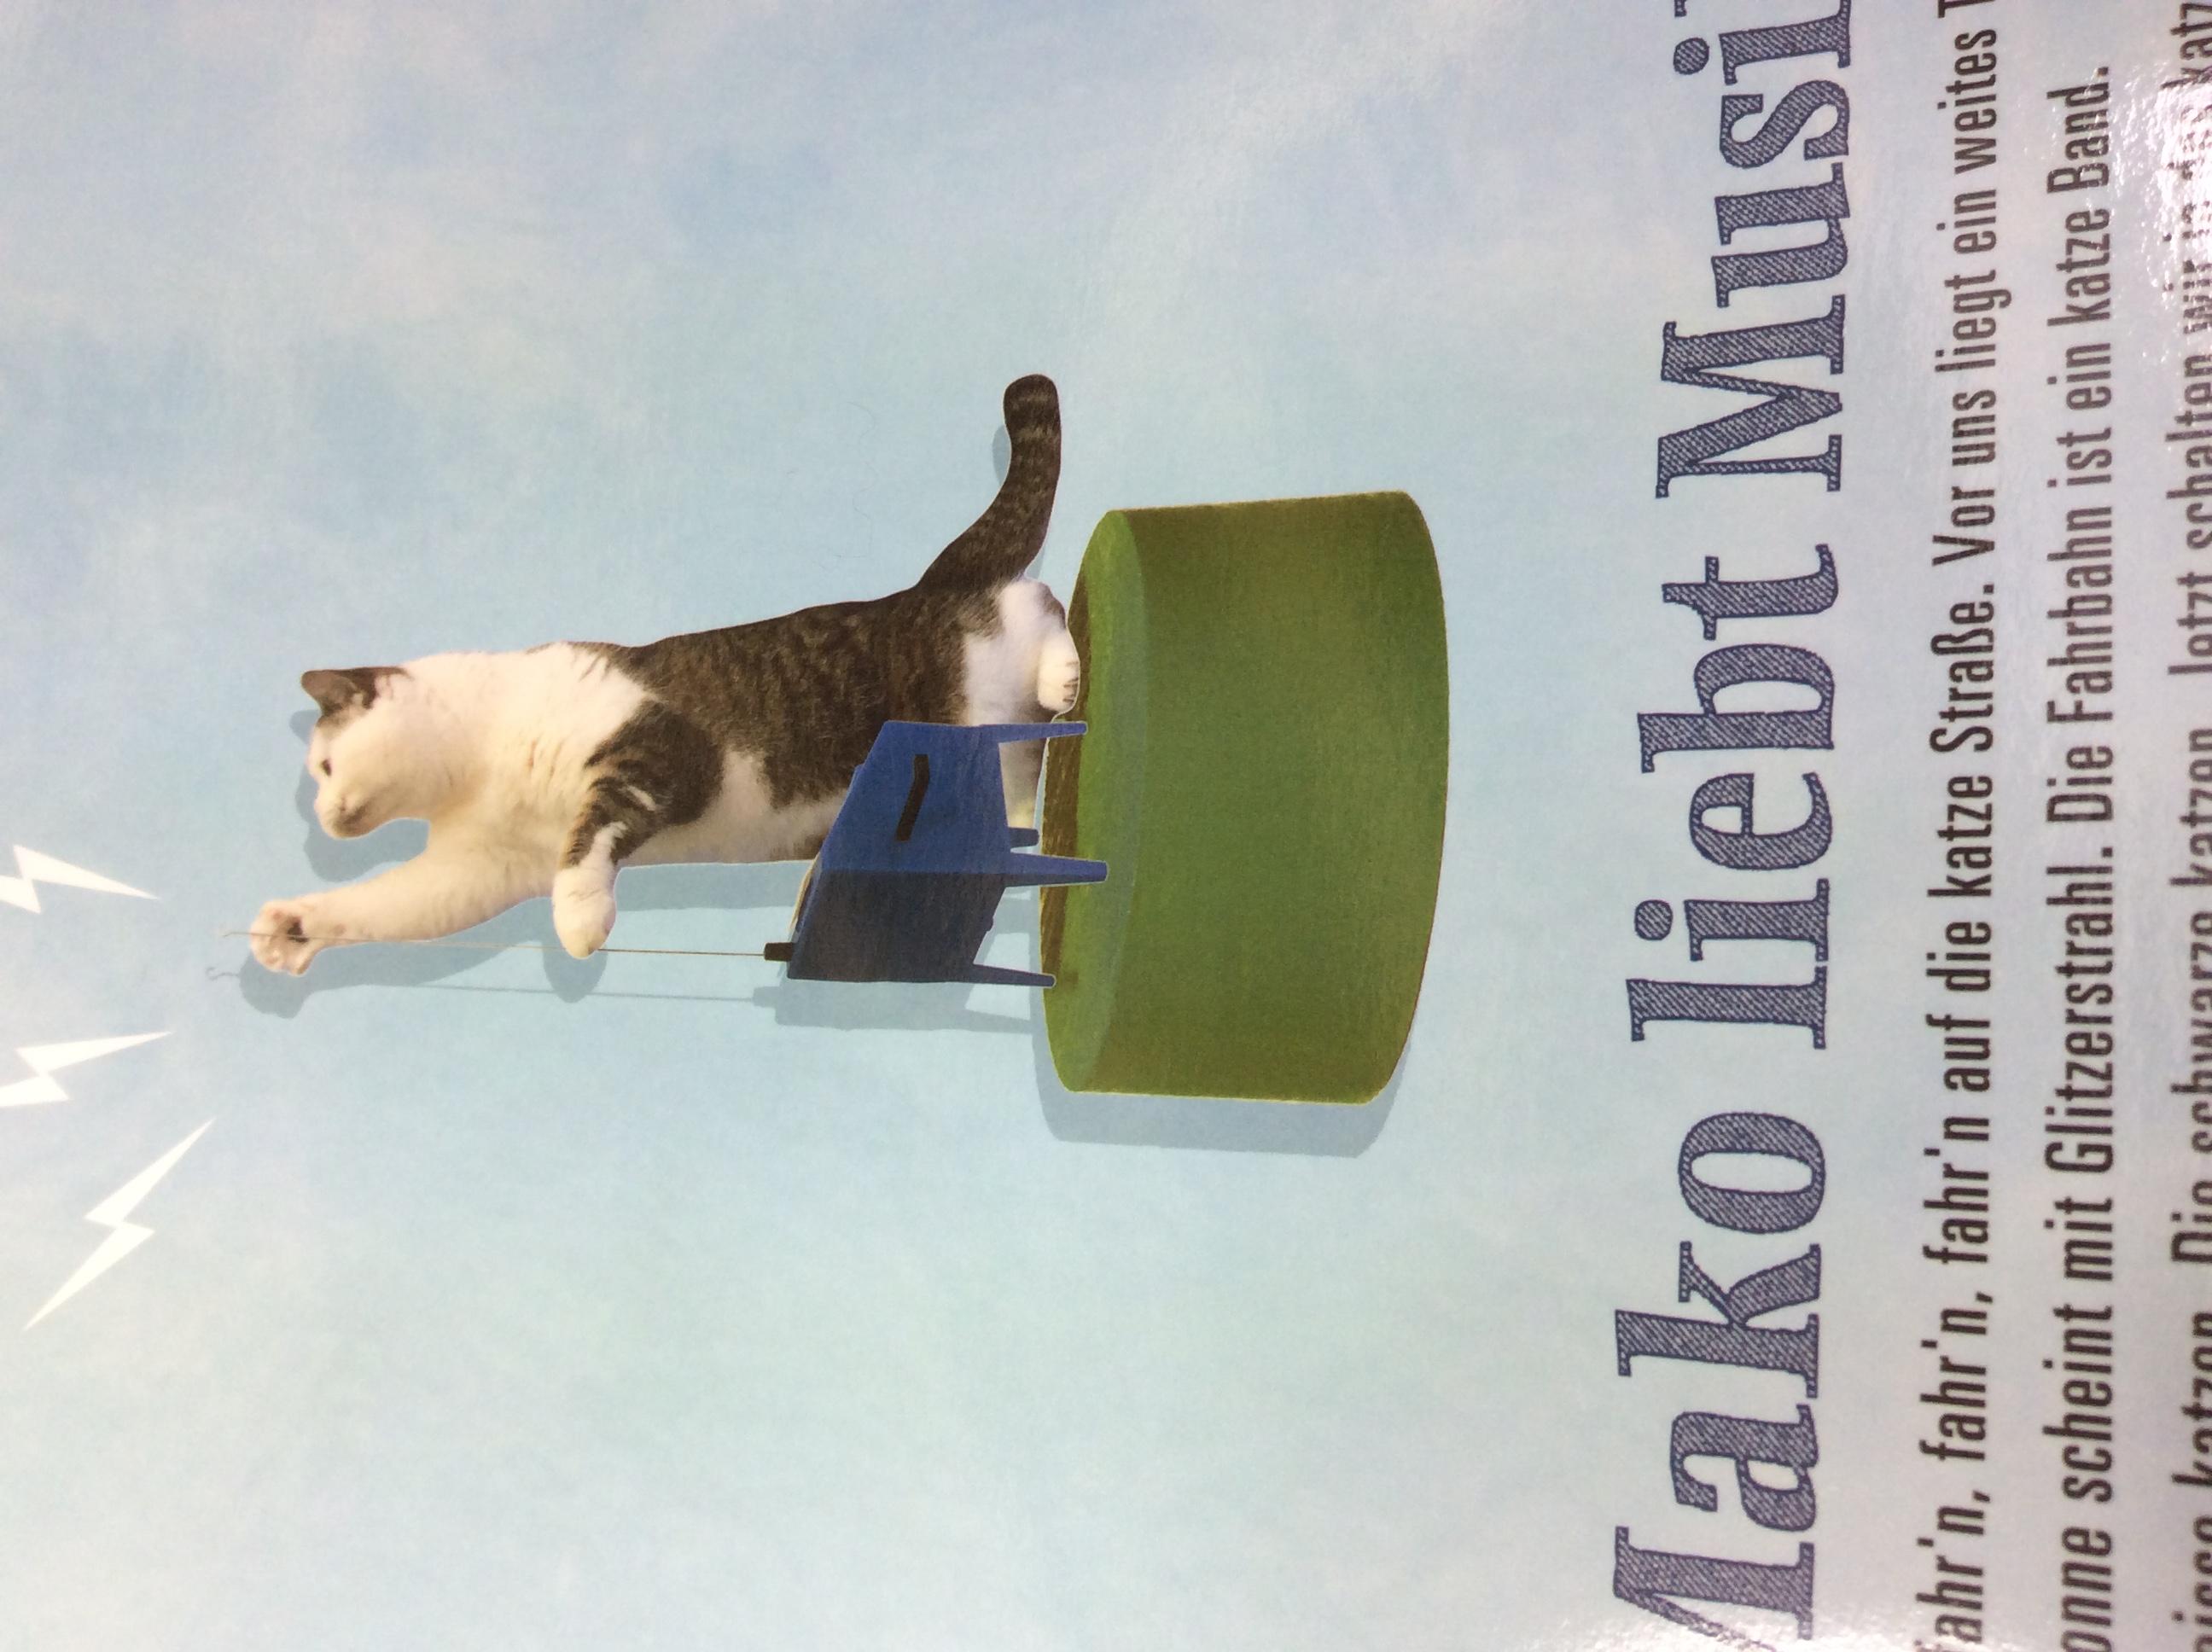 猫まこちゃんのでっかいポストカードテルミンを弾くまこのクローズアップ画像